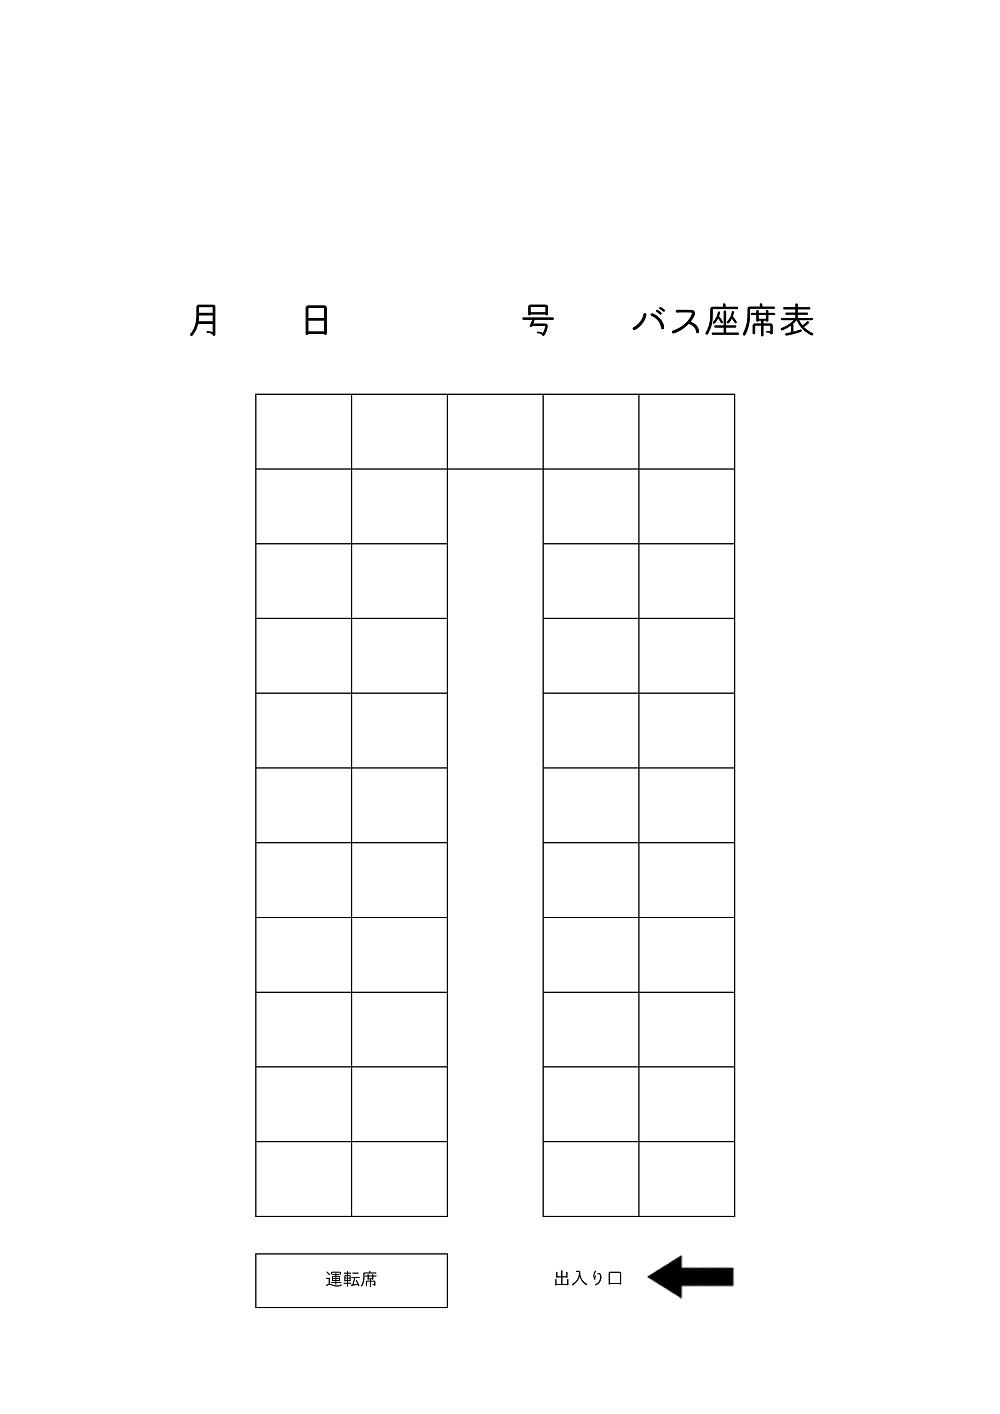 45人乗りの大型バス座席表!「作り方簡単」エクセル